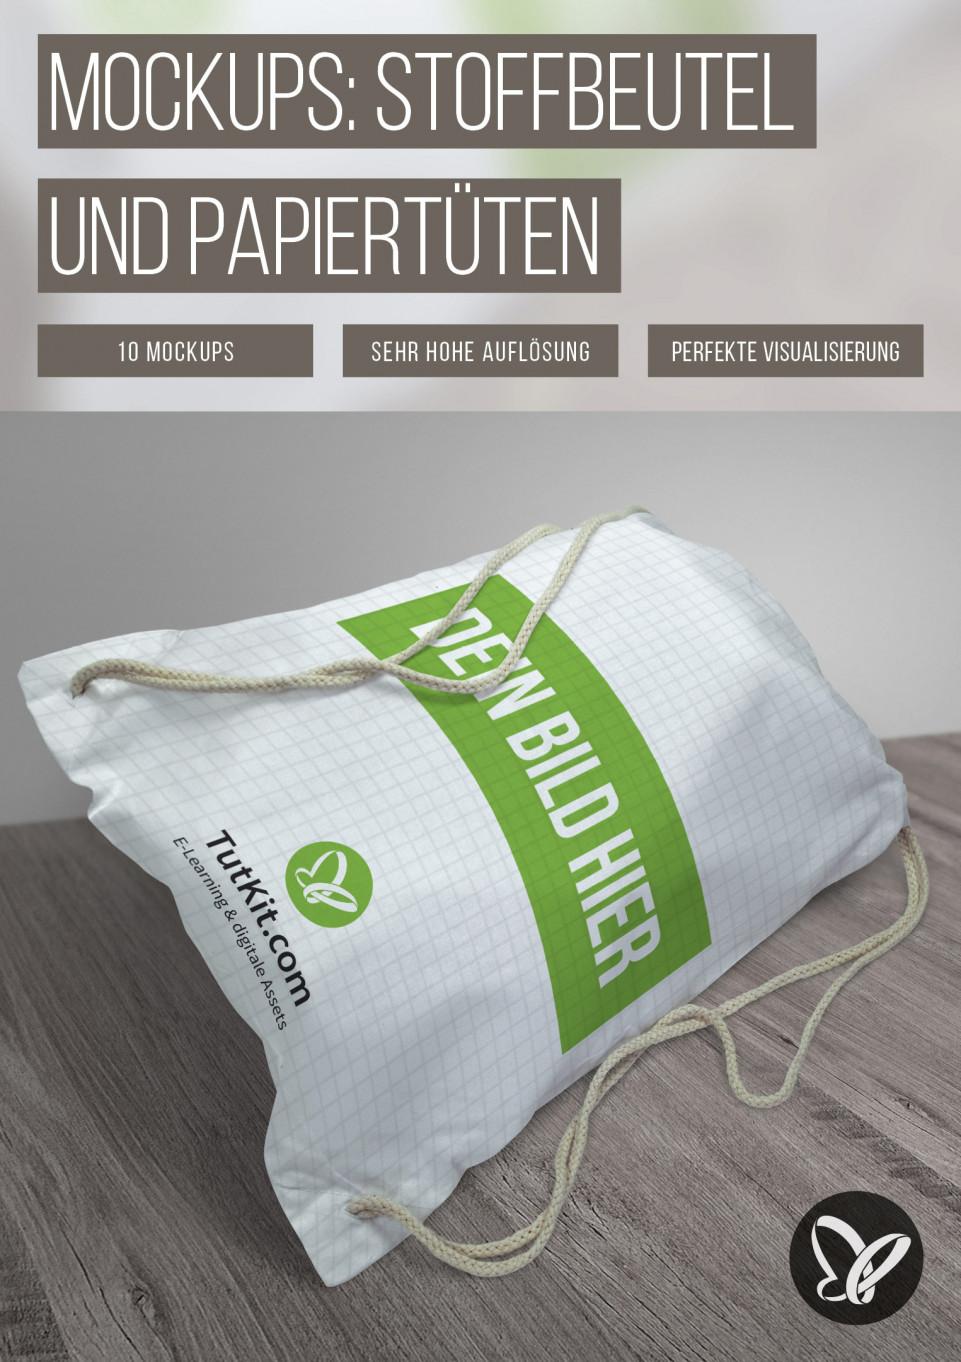 Mockups für Papiertüten und Stoffbeutel